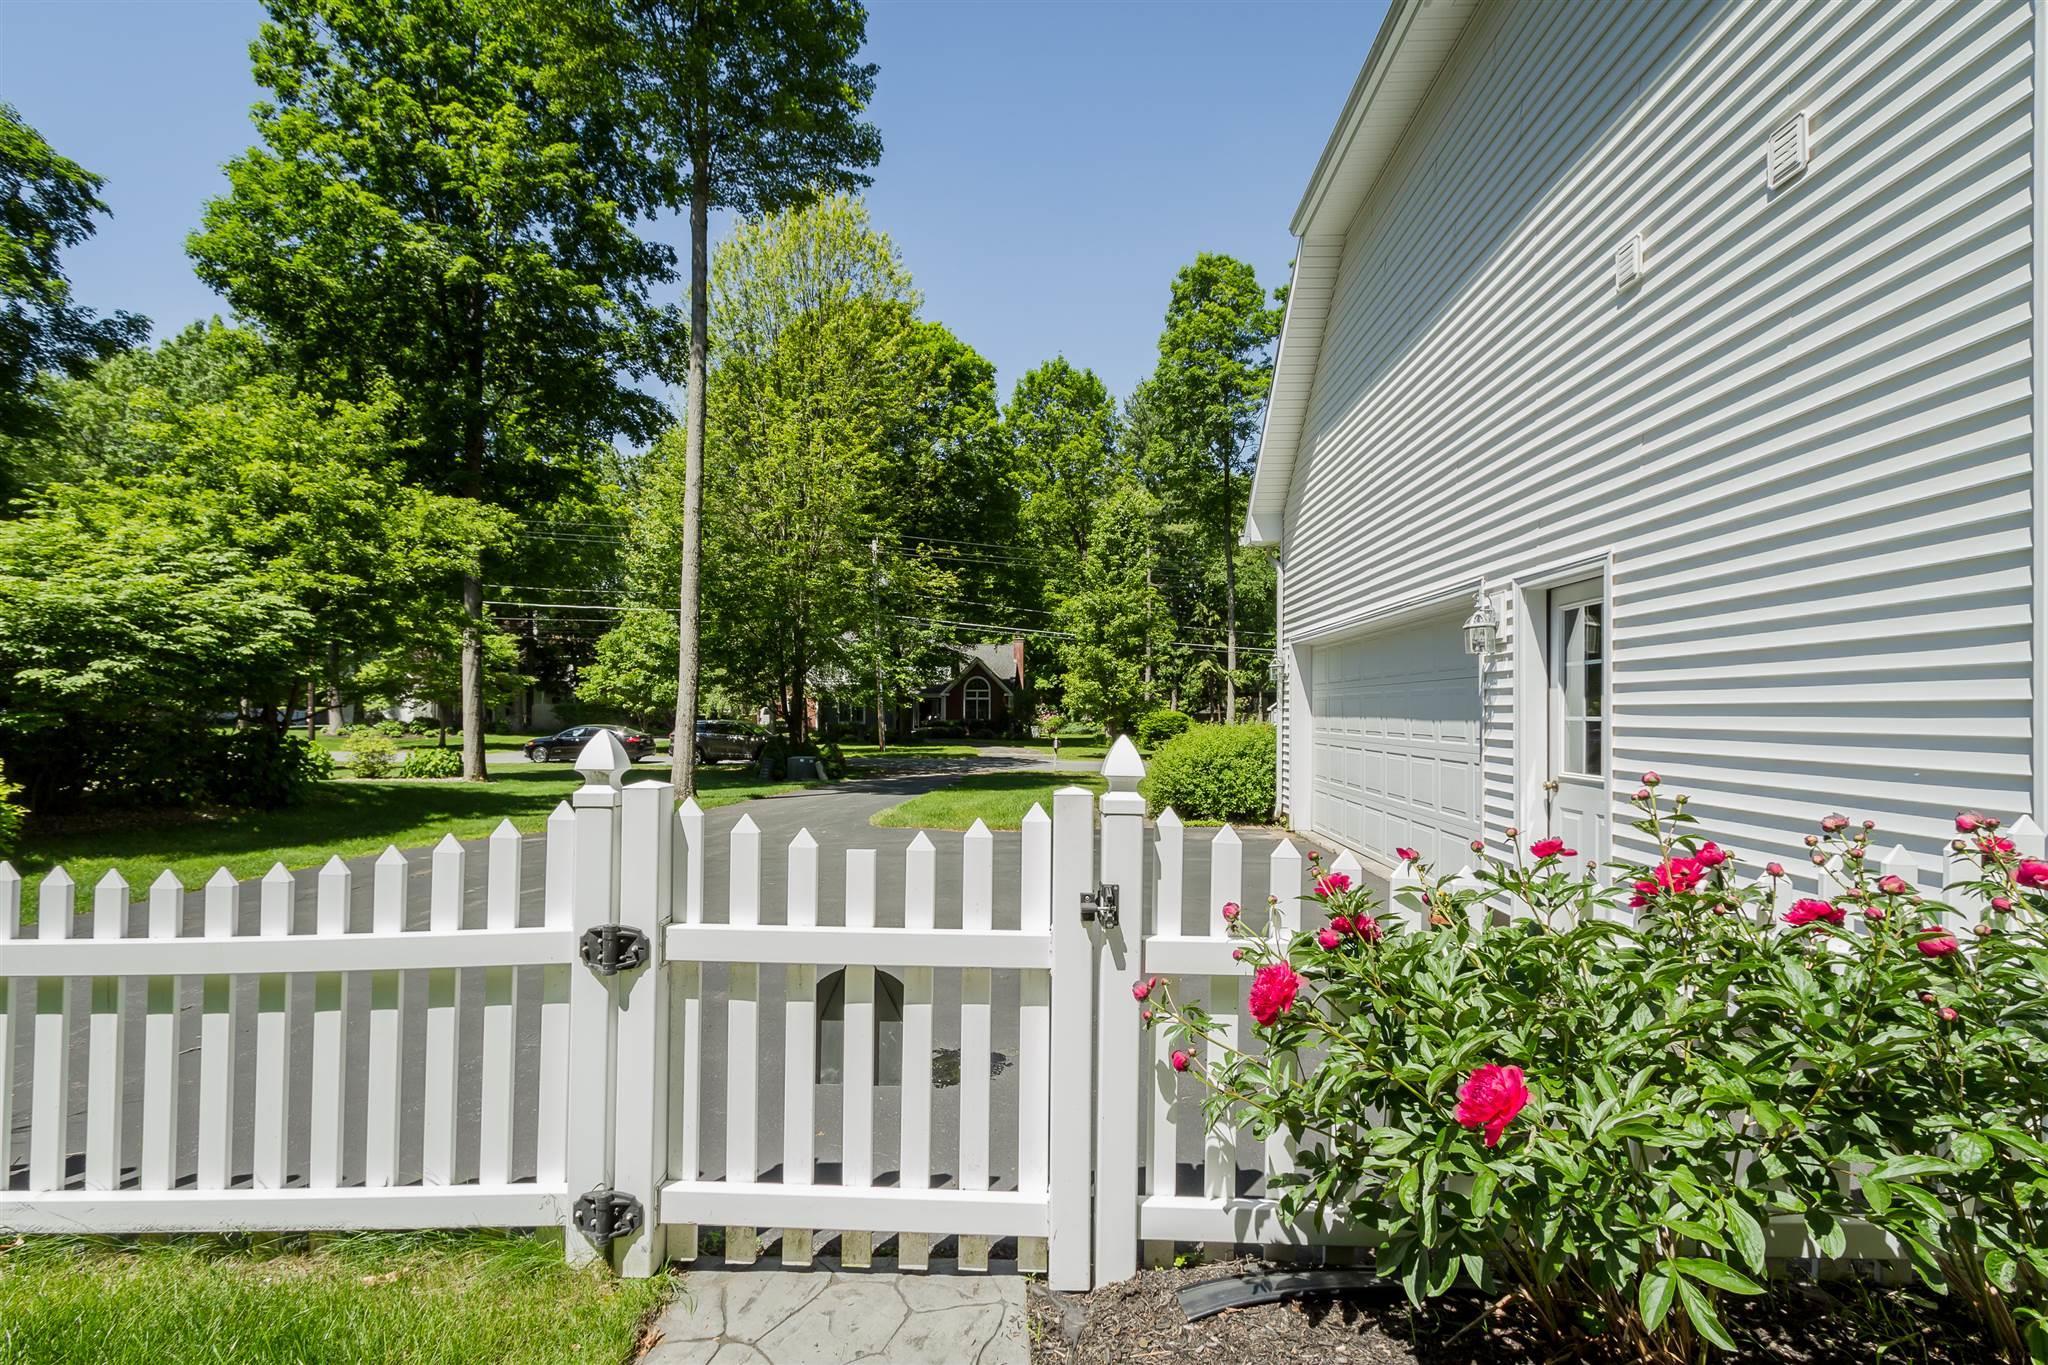 Saratoga S image 56